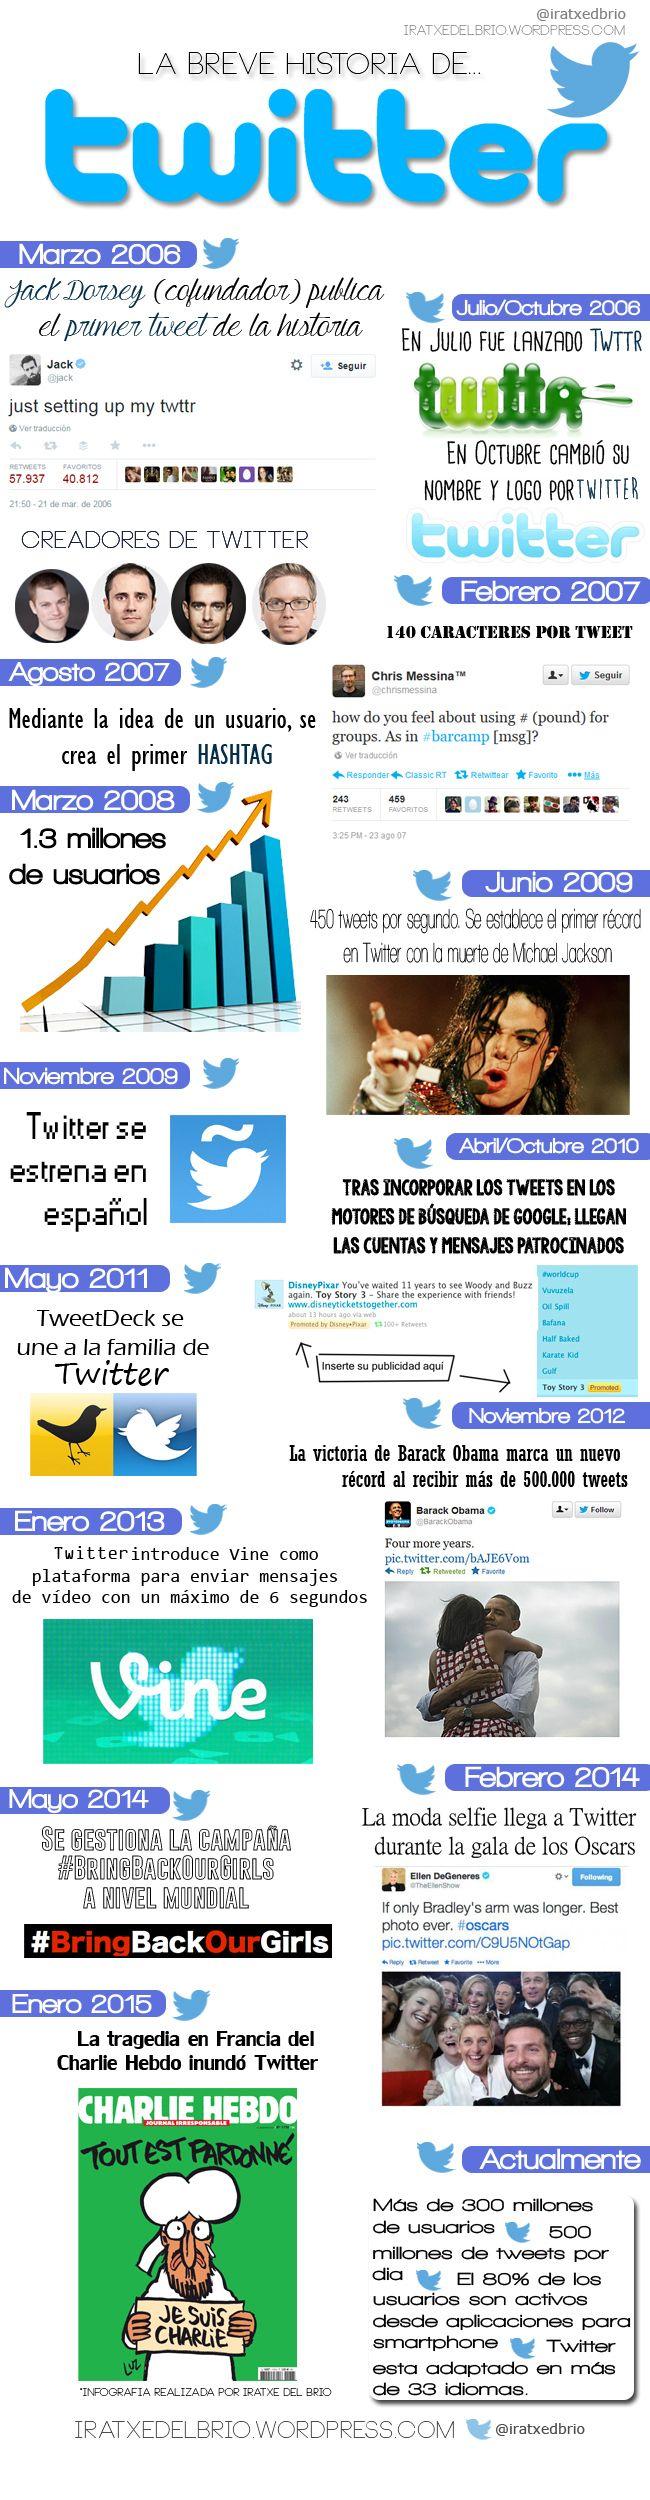 Breve historia de Twitter